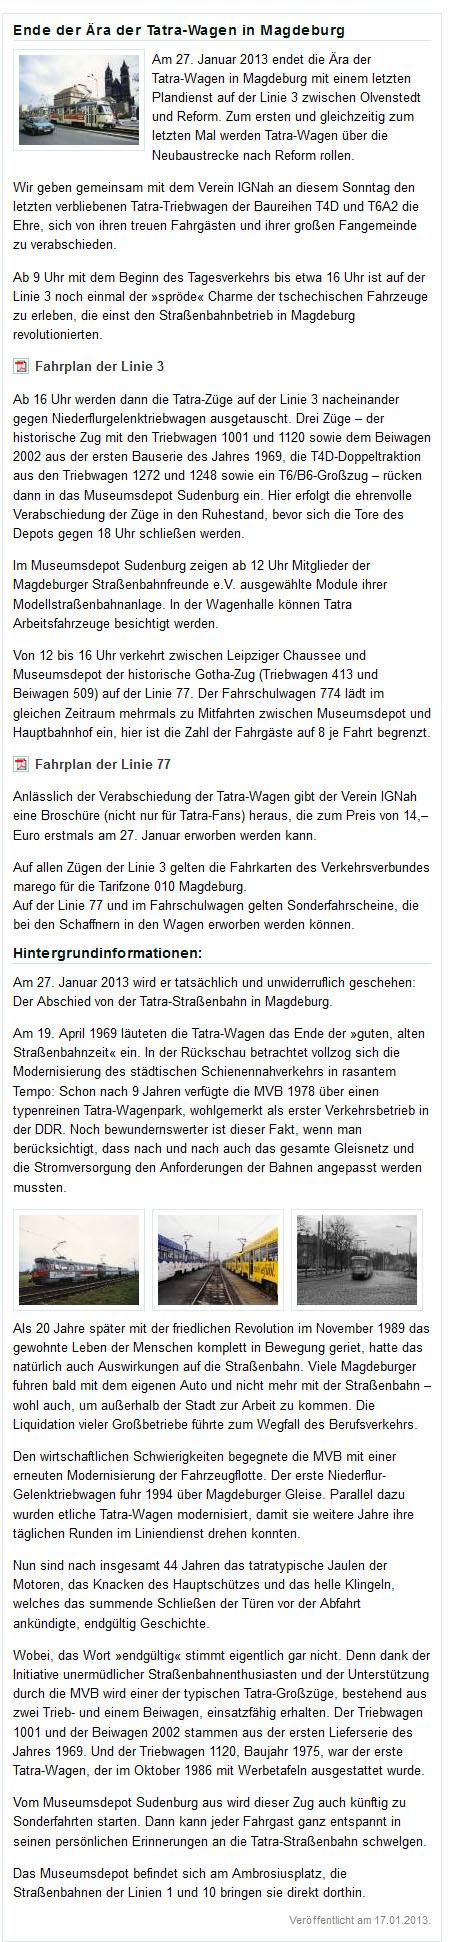 http://www.mvbnet.de/ende-der-aera-der-tatra-wagen-in-magdeburg/